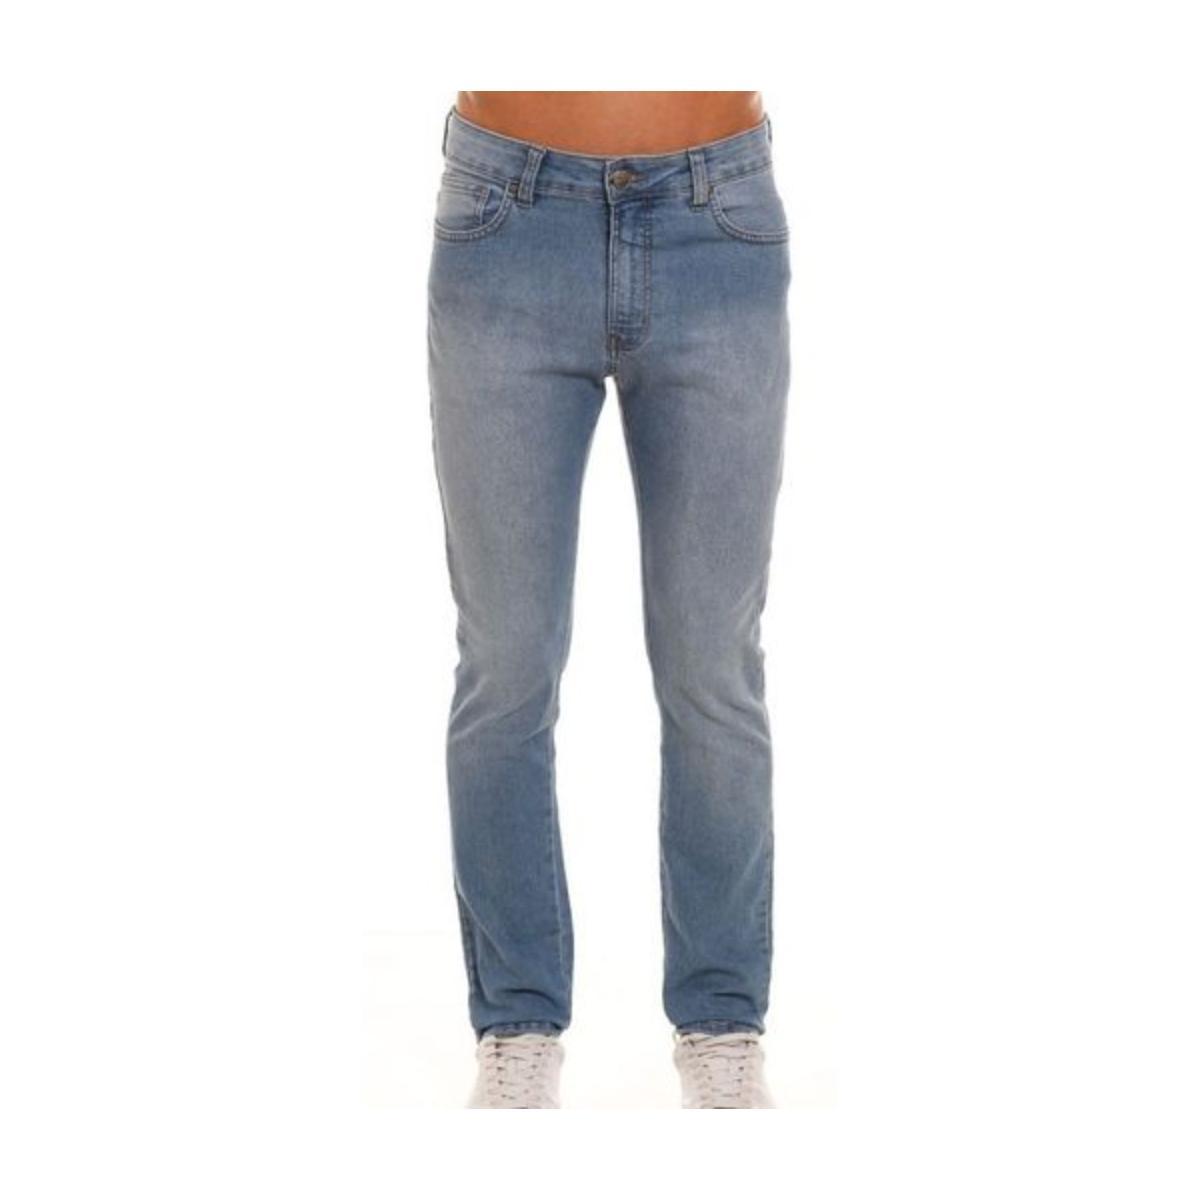 Calça Masculina Colcci 10105984 600 Jeans